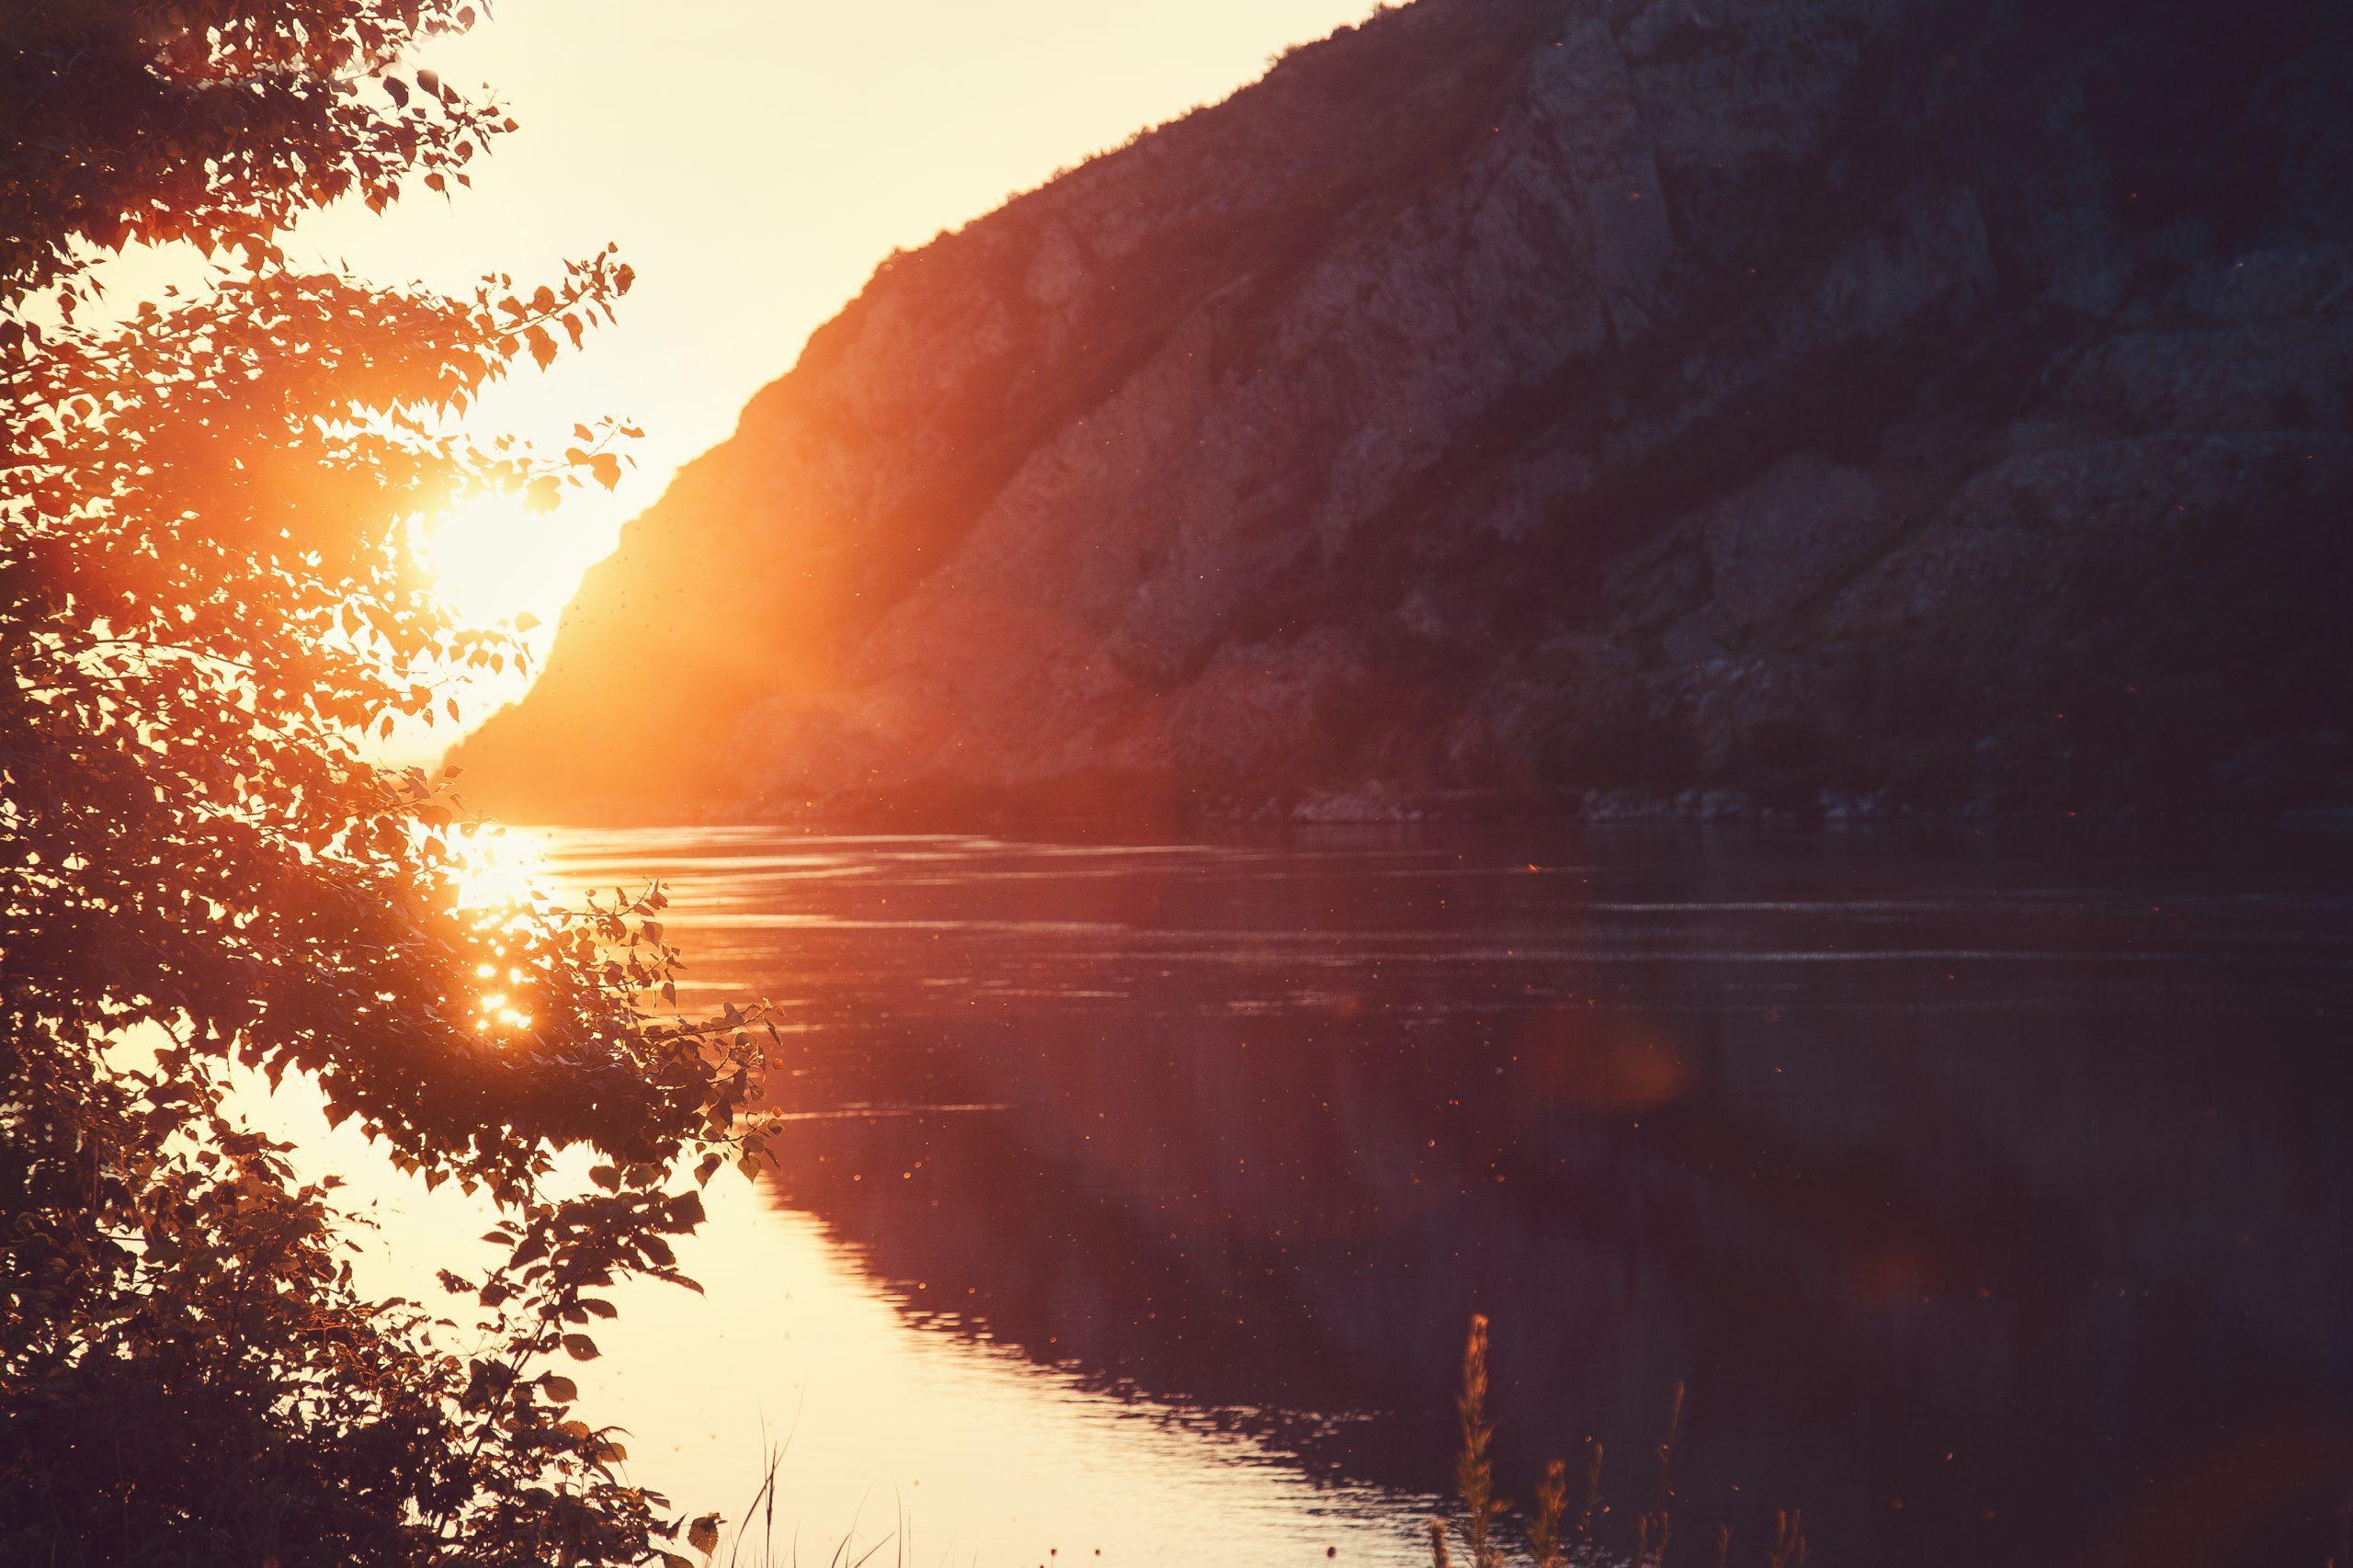 Sunset on Danube lake